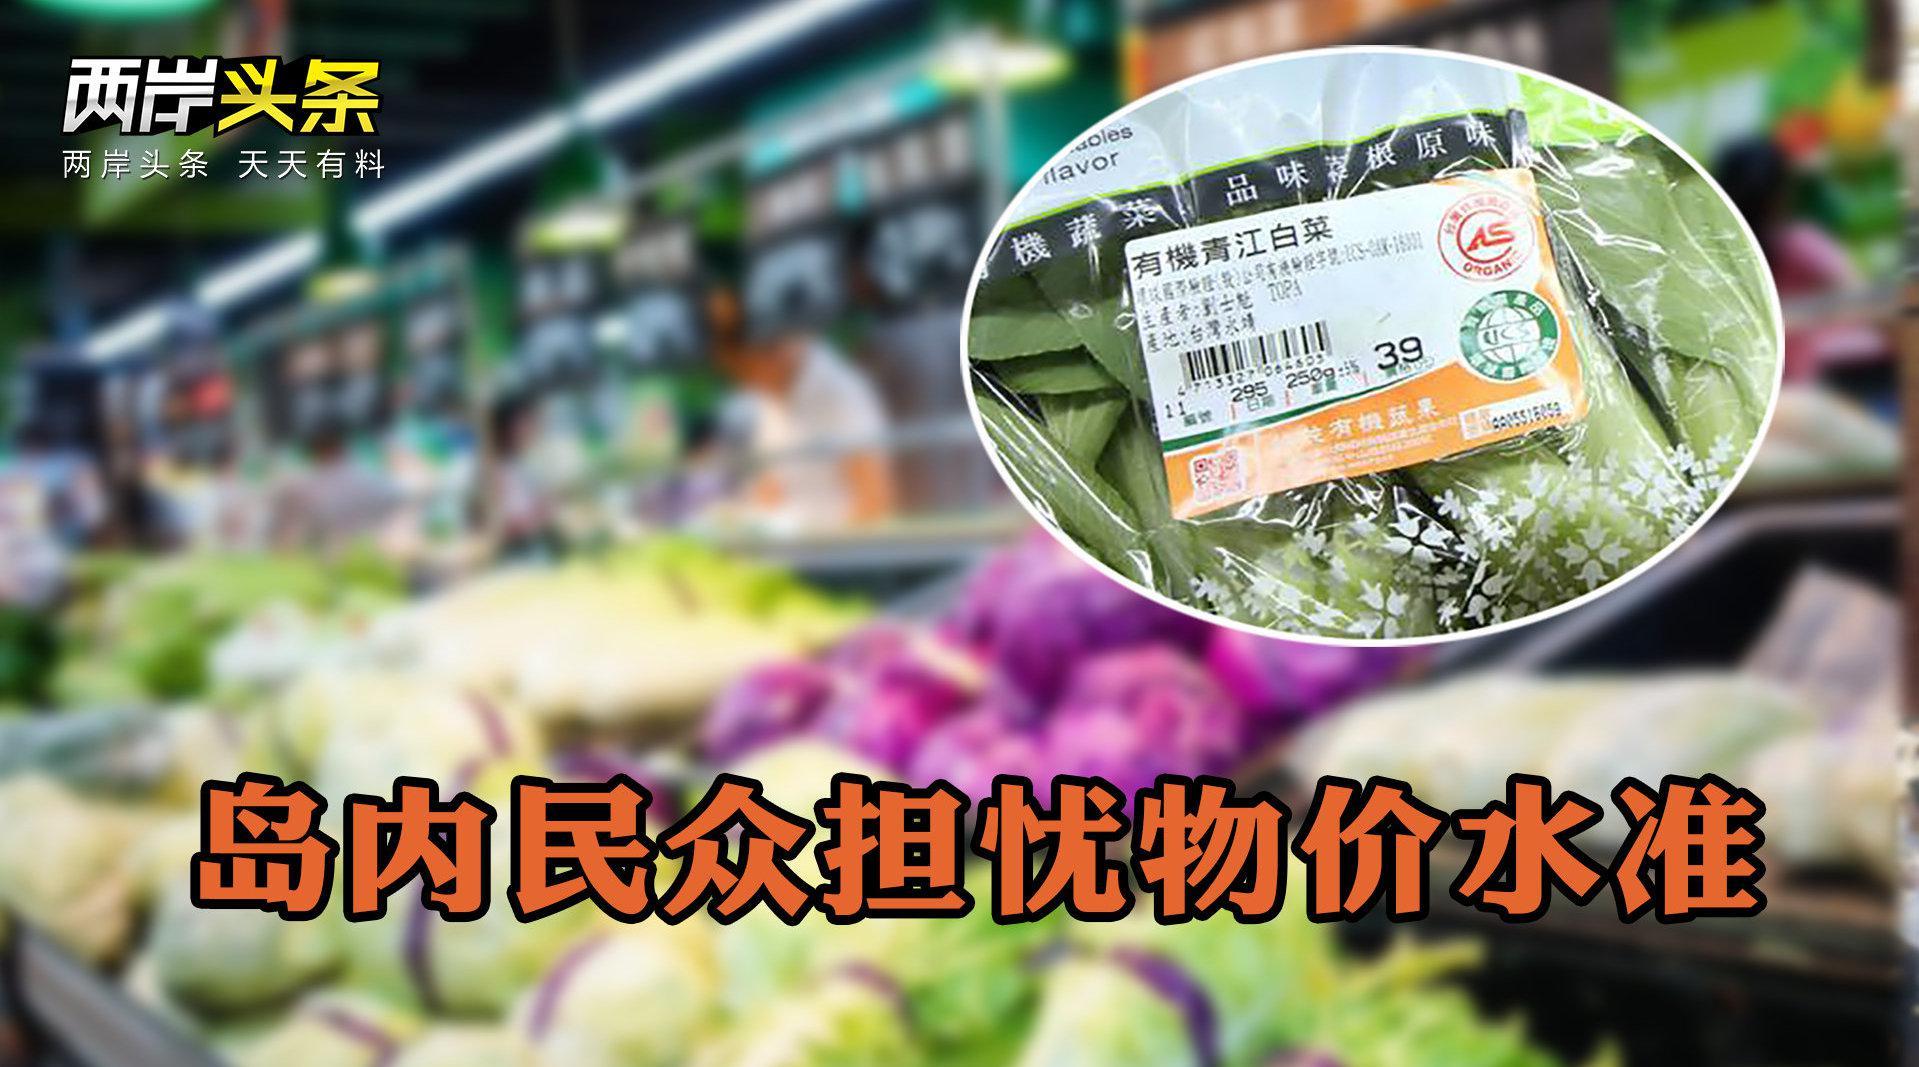 台湾无薪假人数首度减少 民众对物价水平信心不足